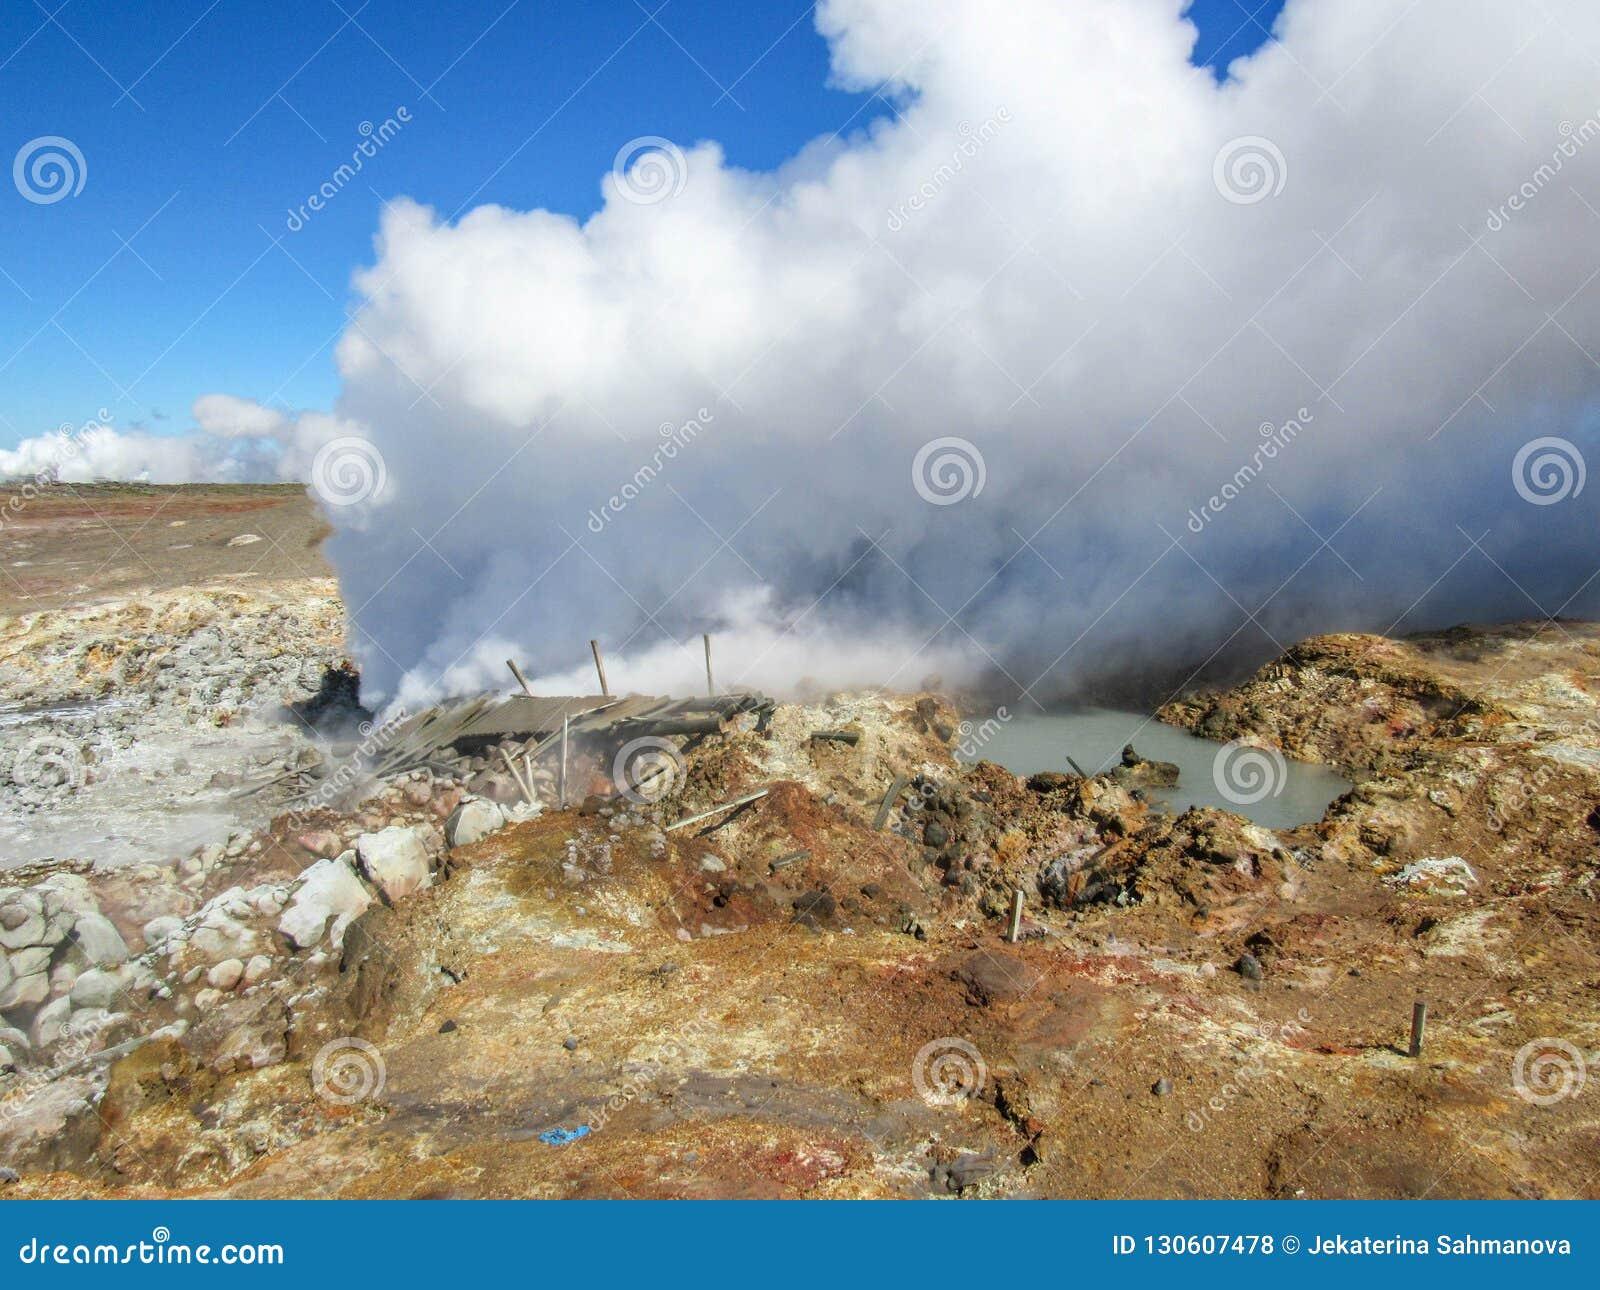 Gunnuhver geothermisch gebied - Krà ½ suvÃk, Seltun, Globale Geopark, Geothermisch actief gebied in IJsland